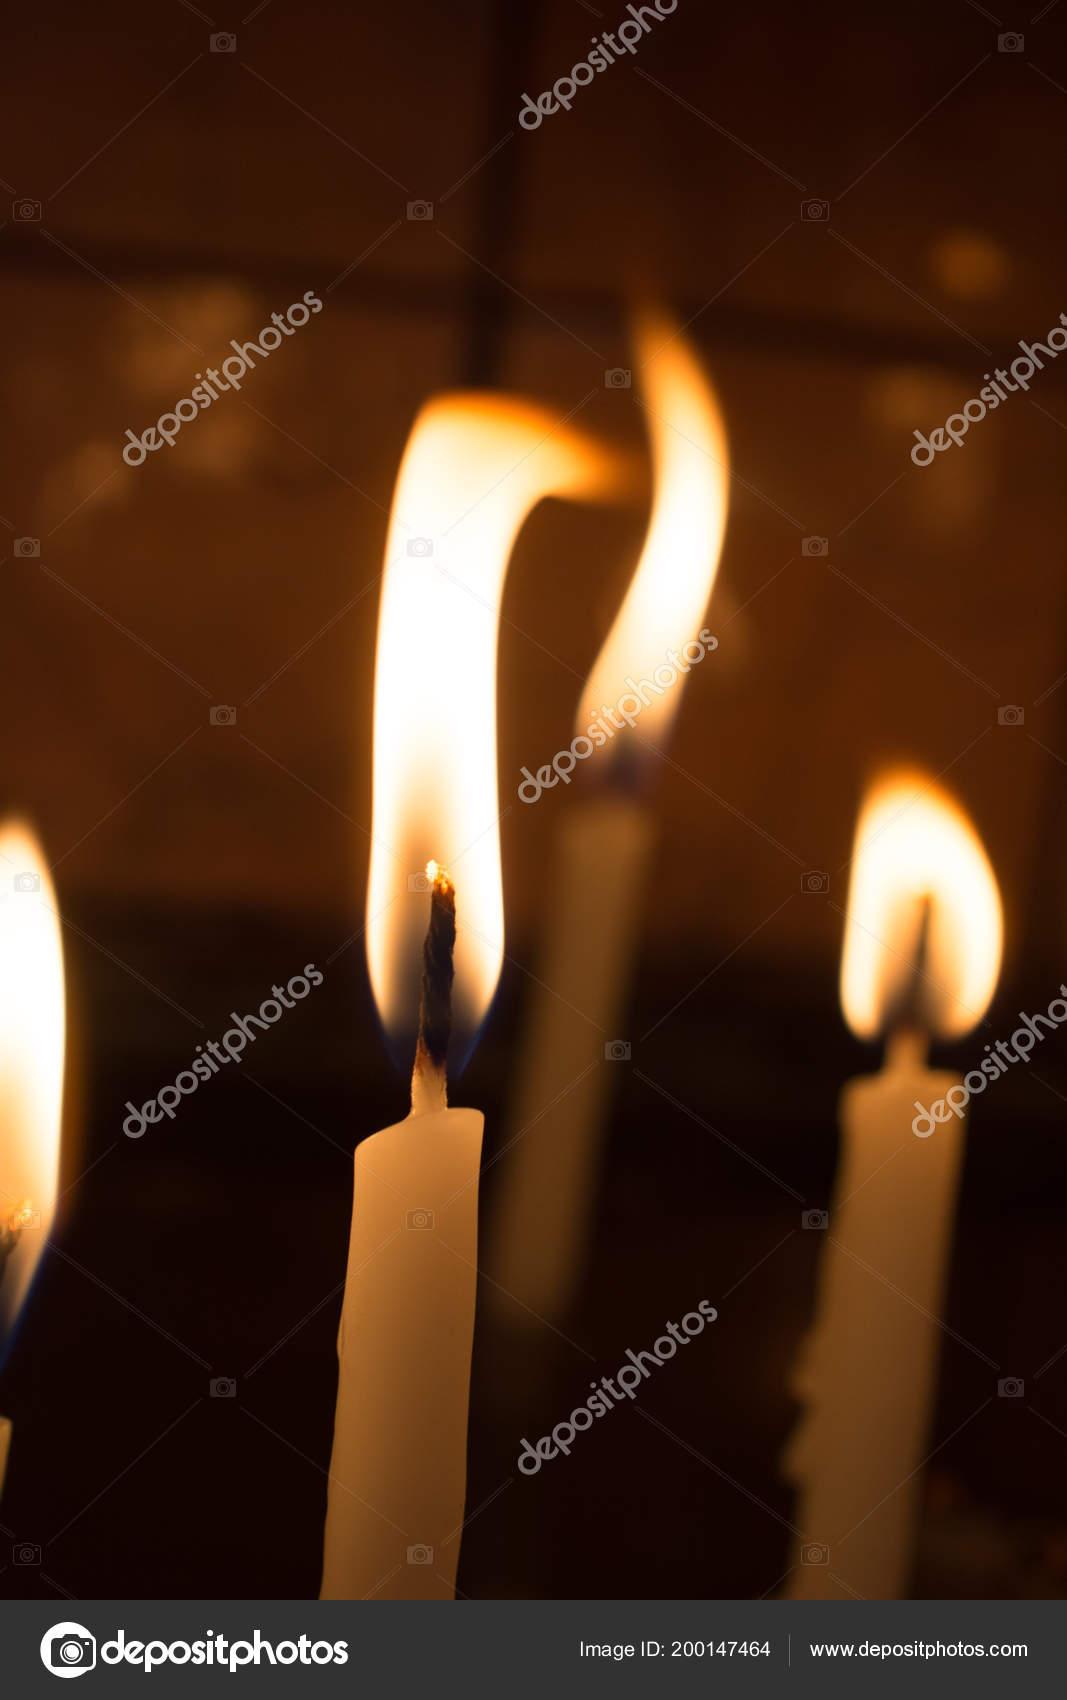 Des Bougies Allumées Lumière Bougie Dans Obscurité — Photographie ... a3251db2b1a2